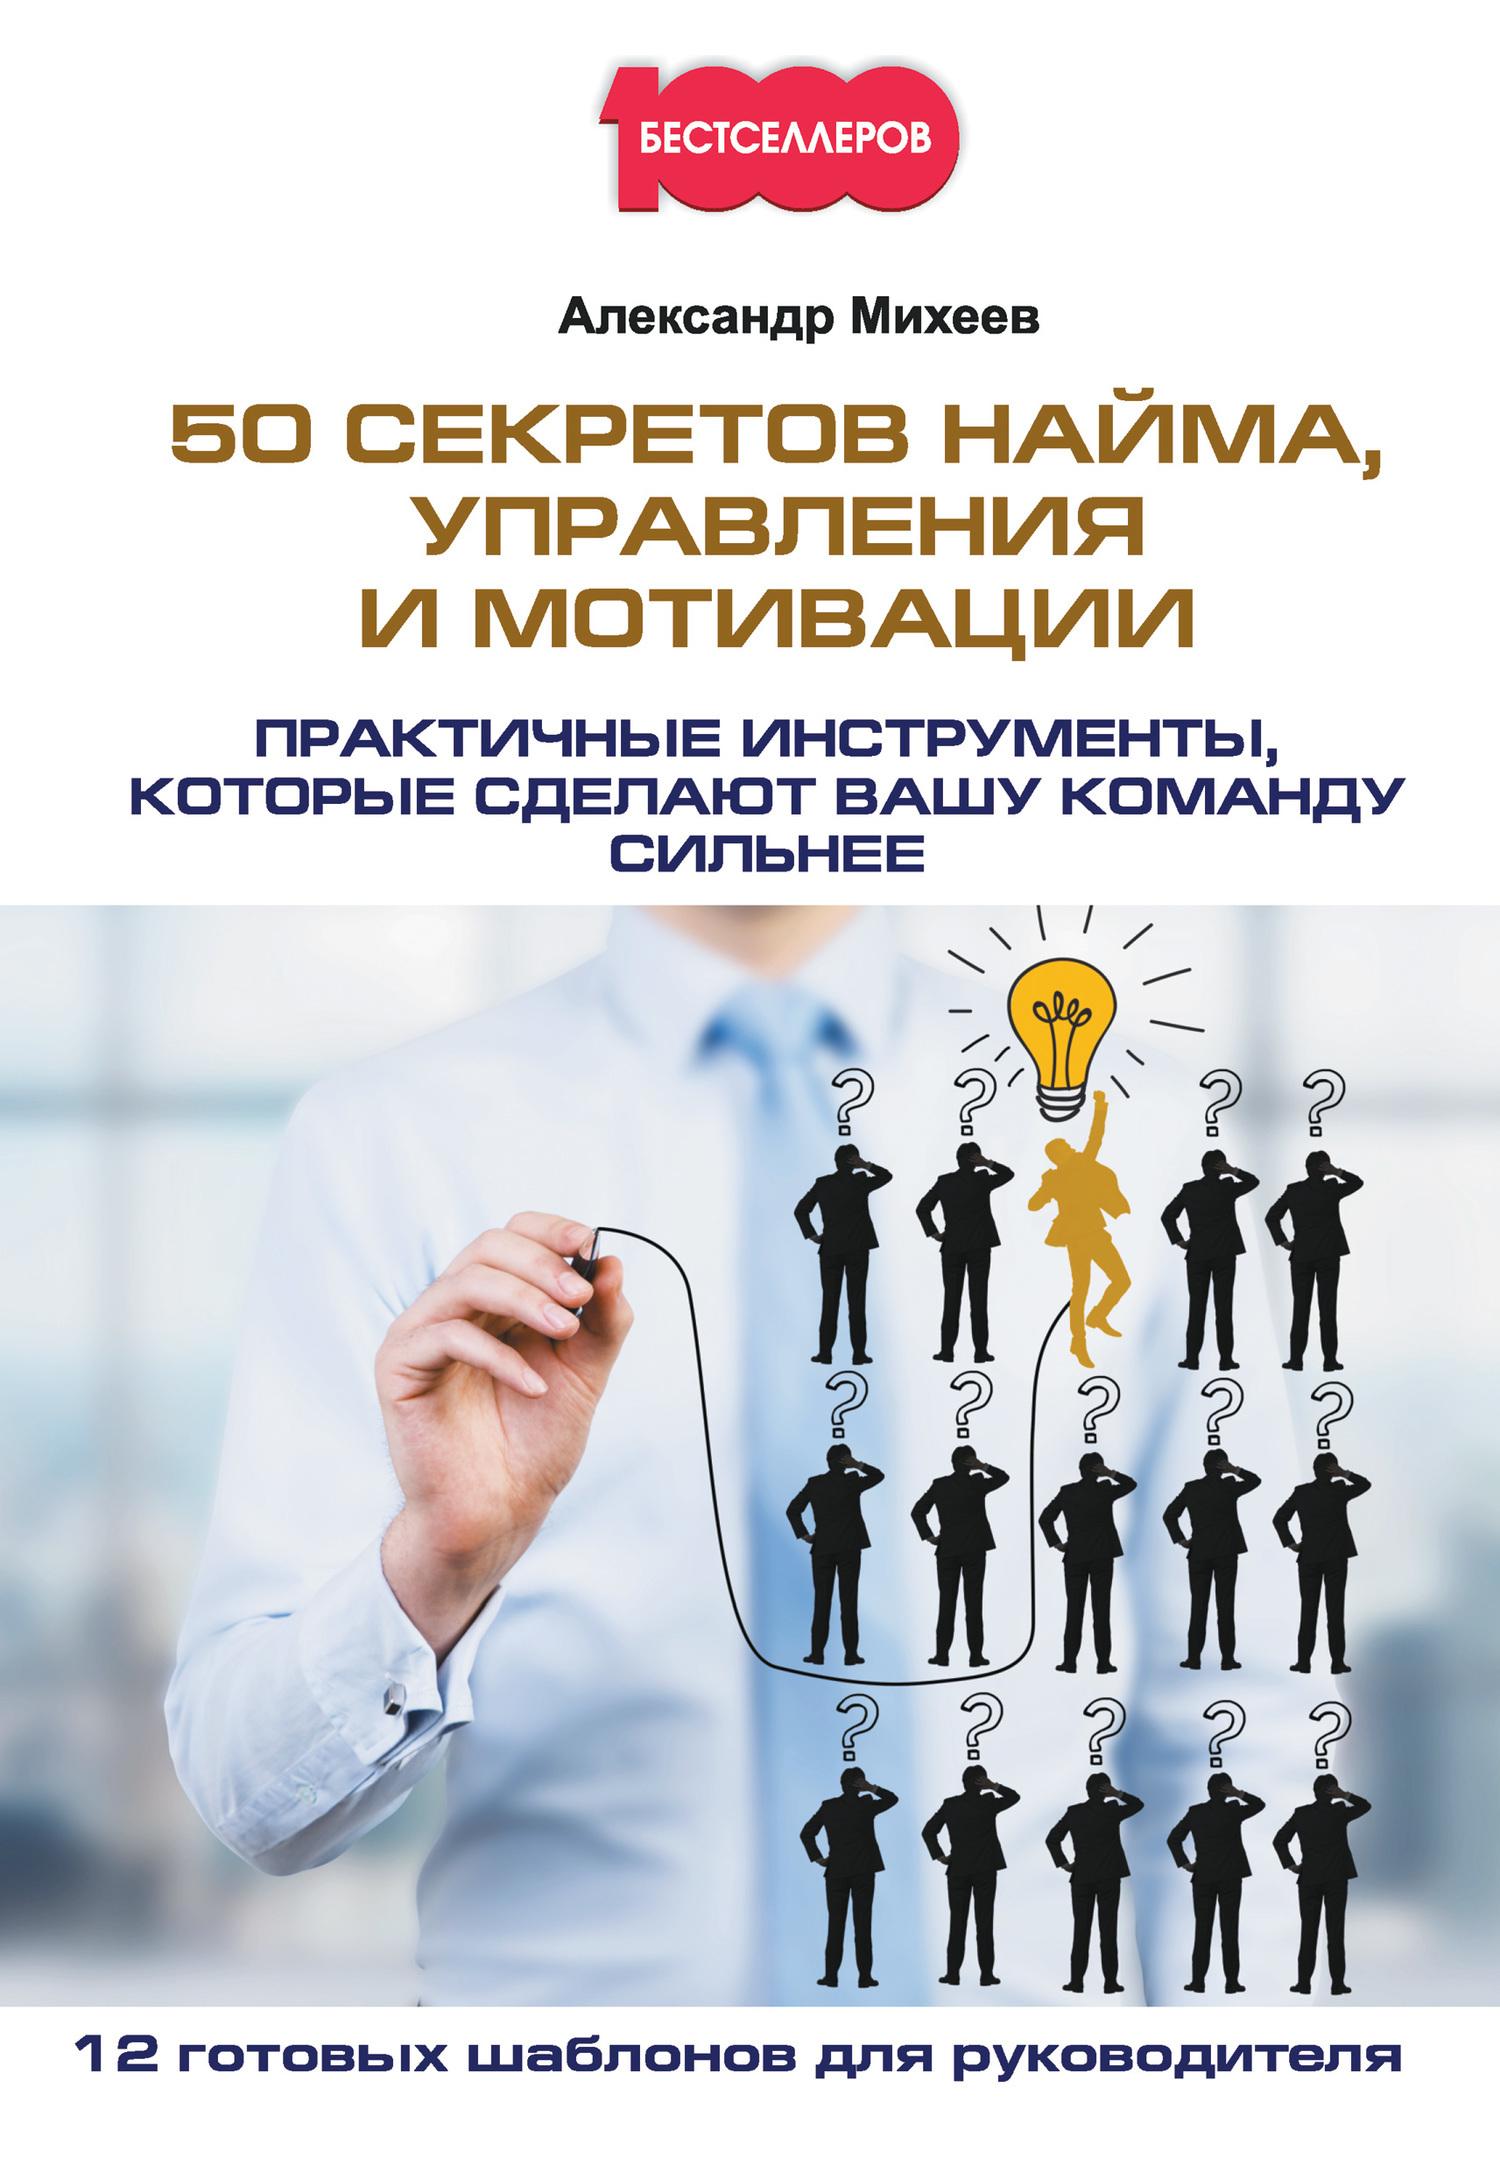 Обложка книги 50 секретов найма, управления и мотивации. Практичные инструменты, которые сделают вашу команду сильнее